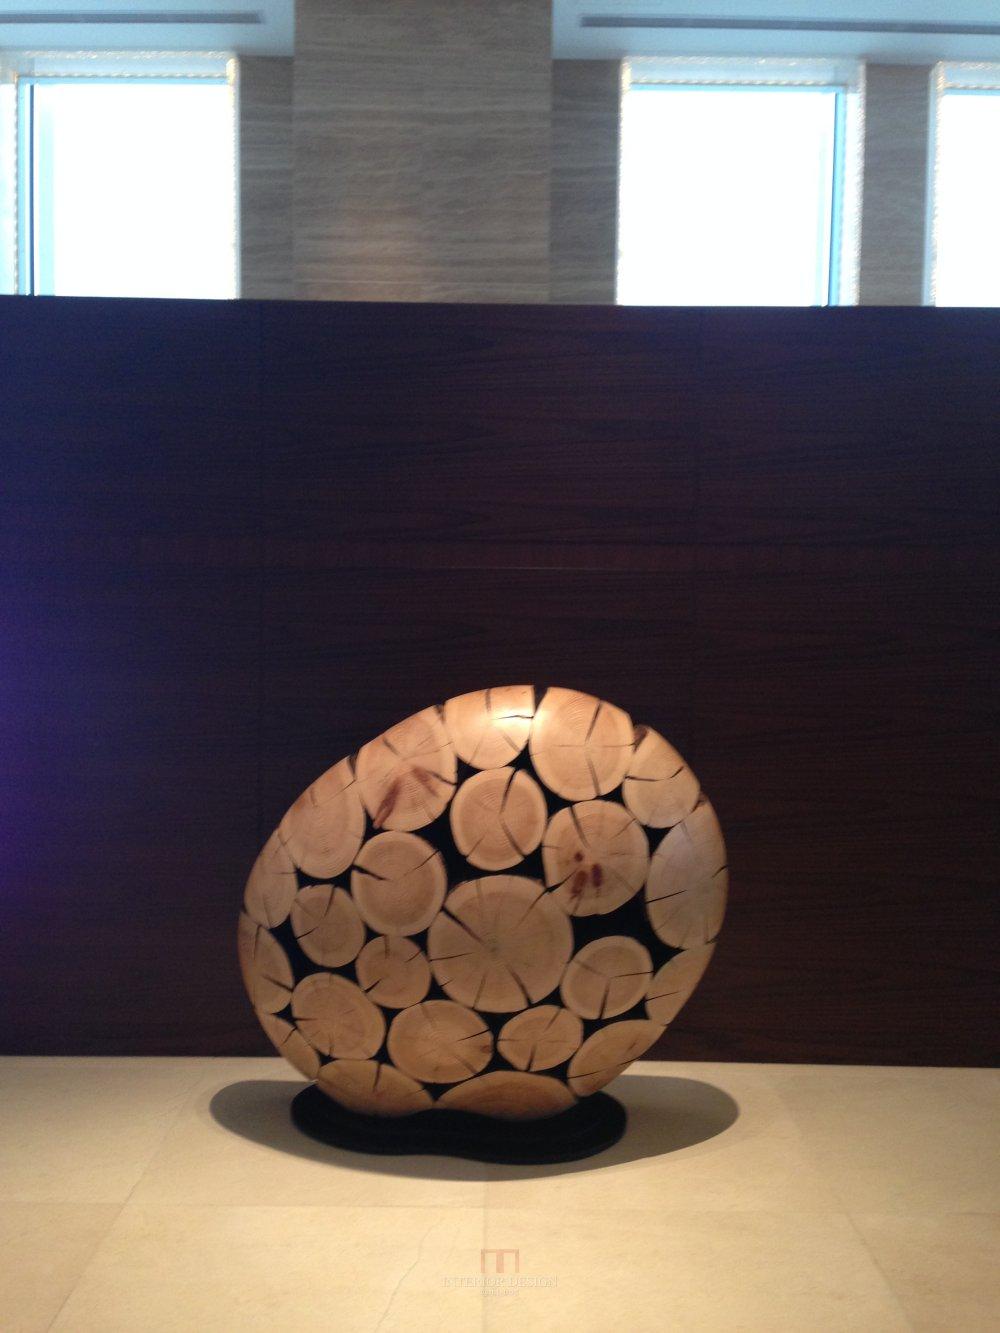 #伙伴一起看日本#  日本设计考察分享(更新美秀美术馆)_IMG_4833.JPG